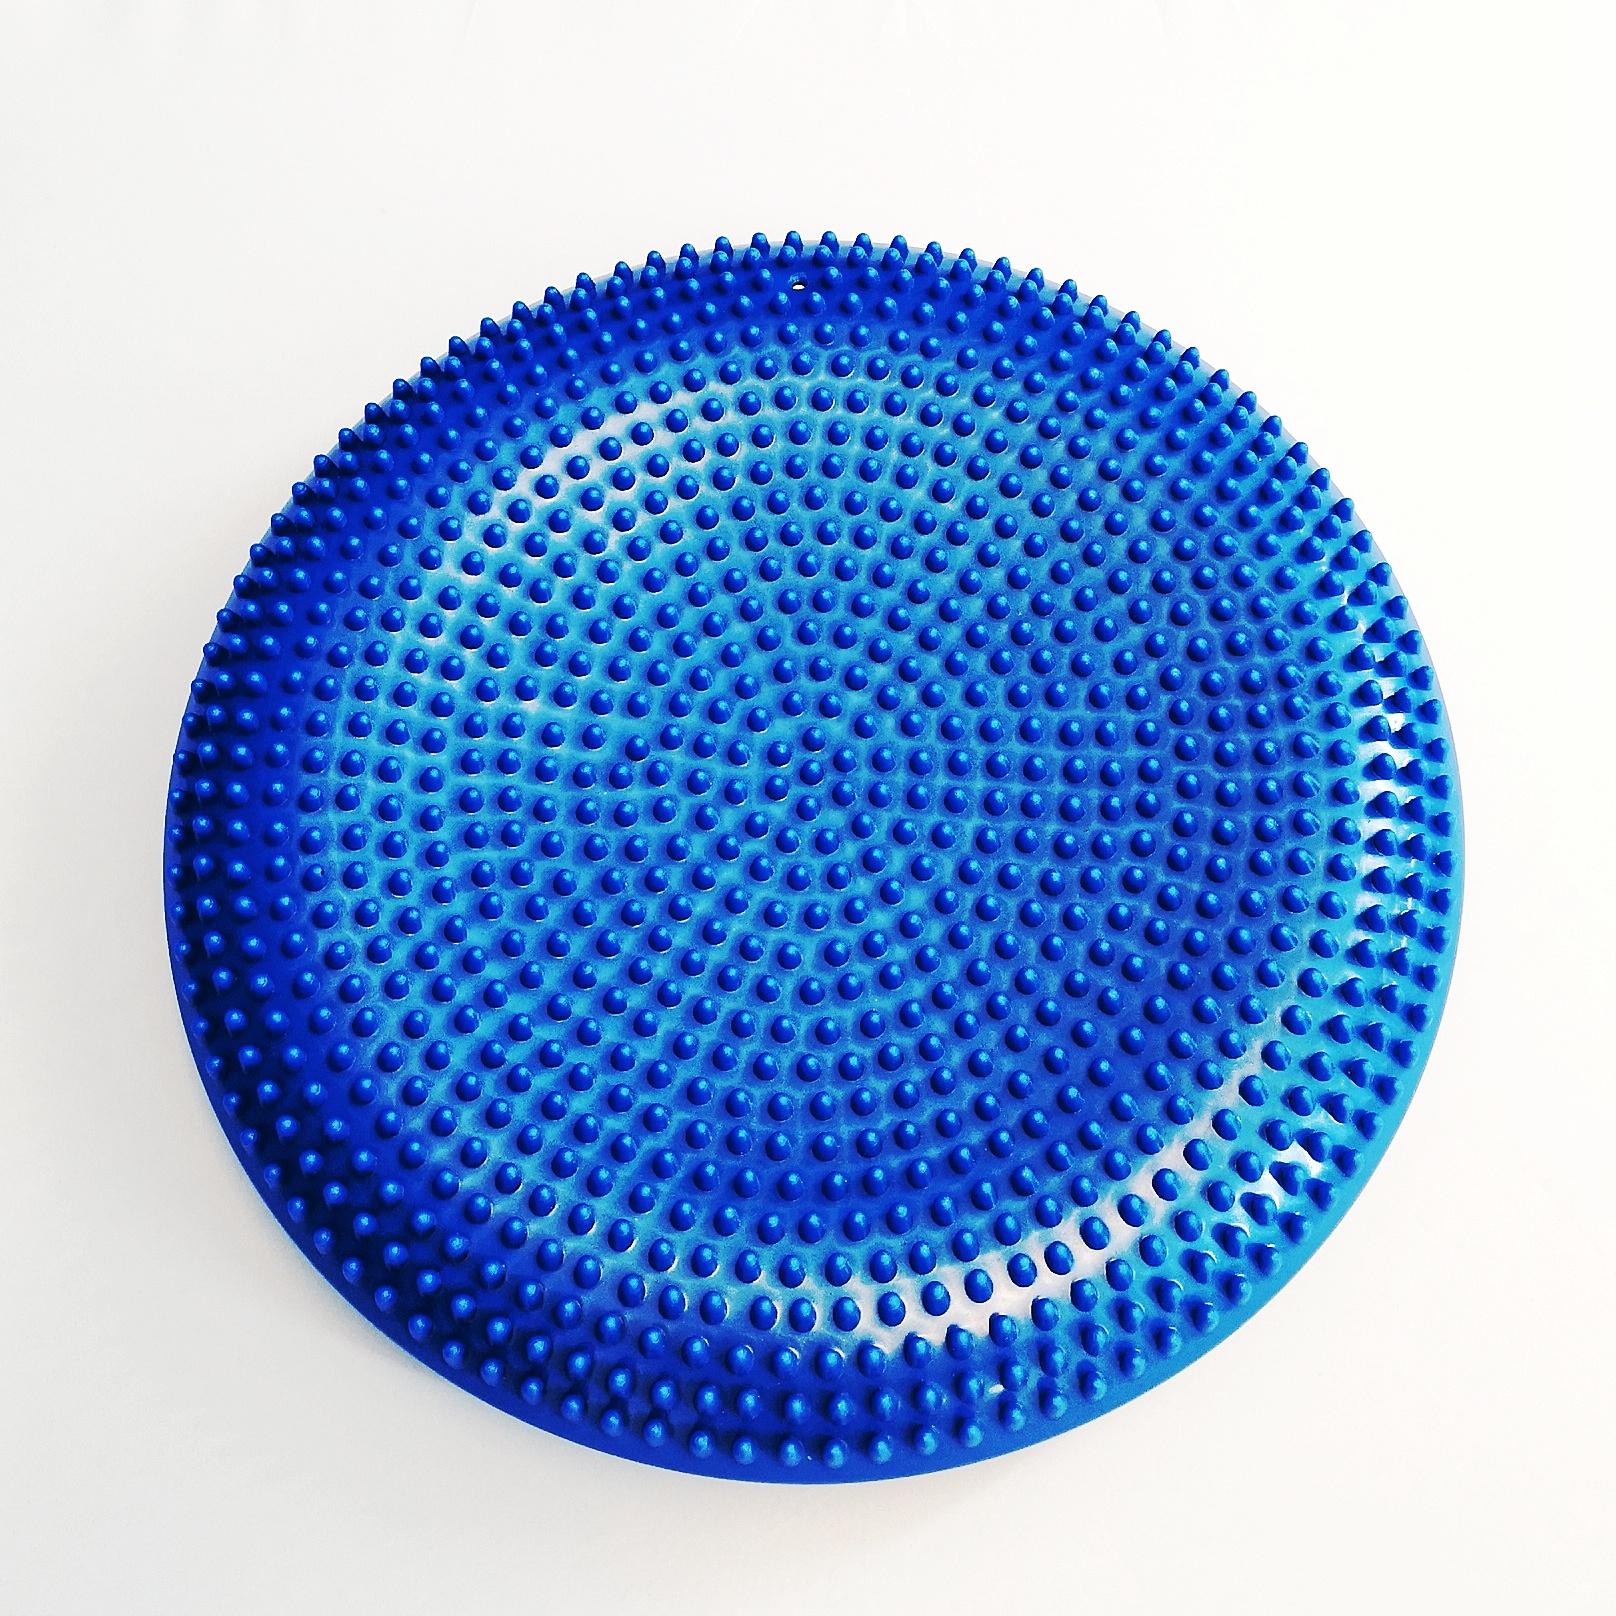 Sitzkissen RFM - Blau